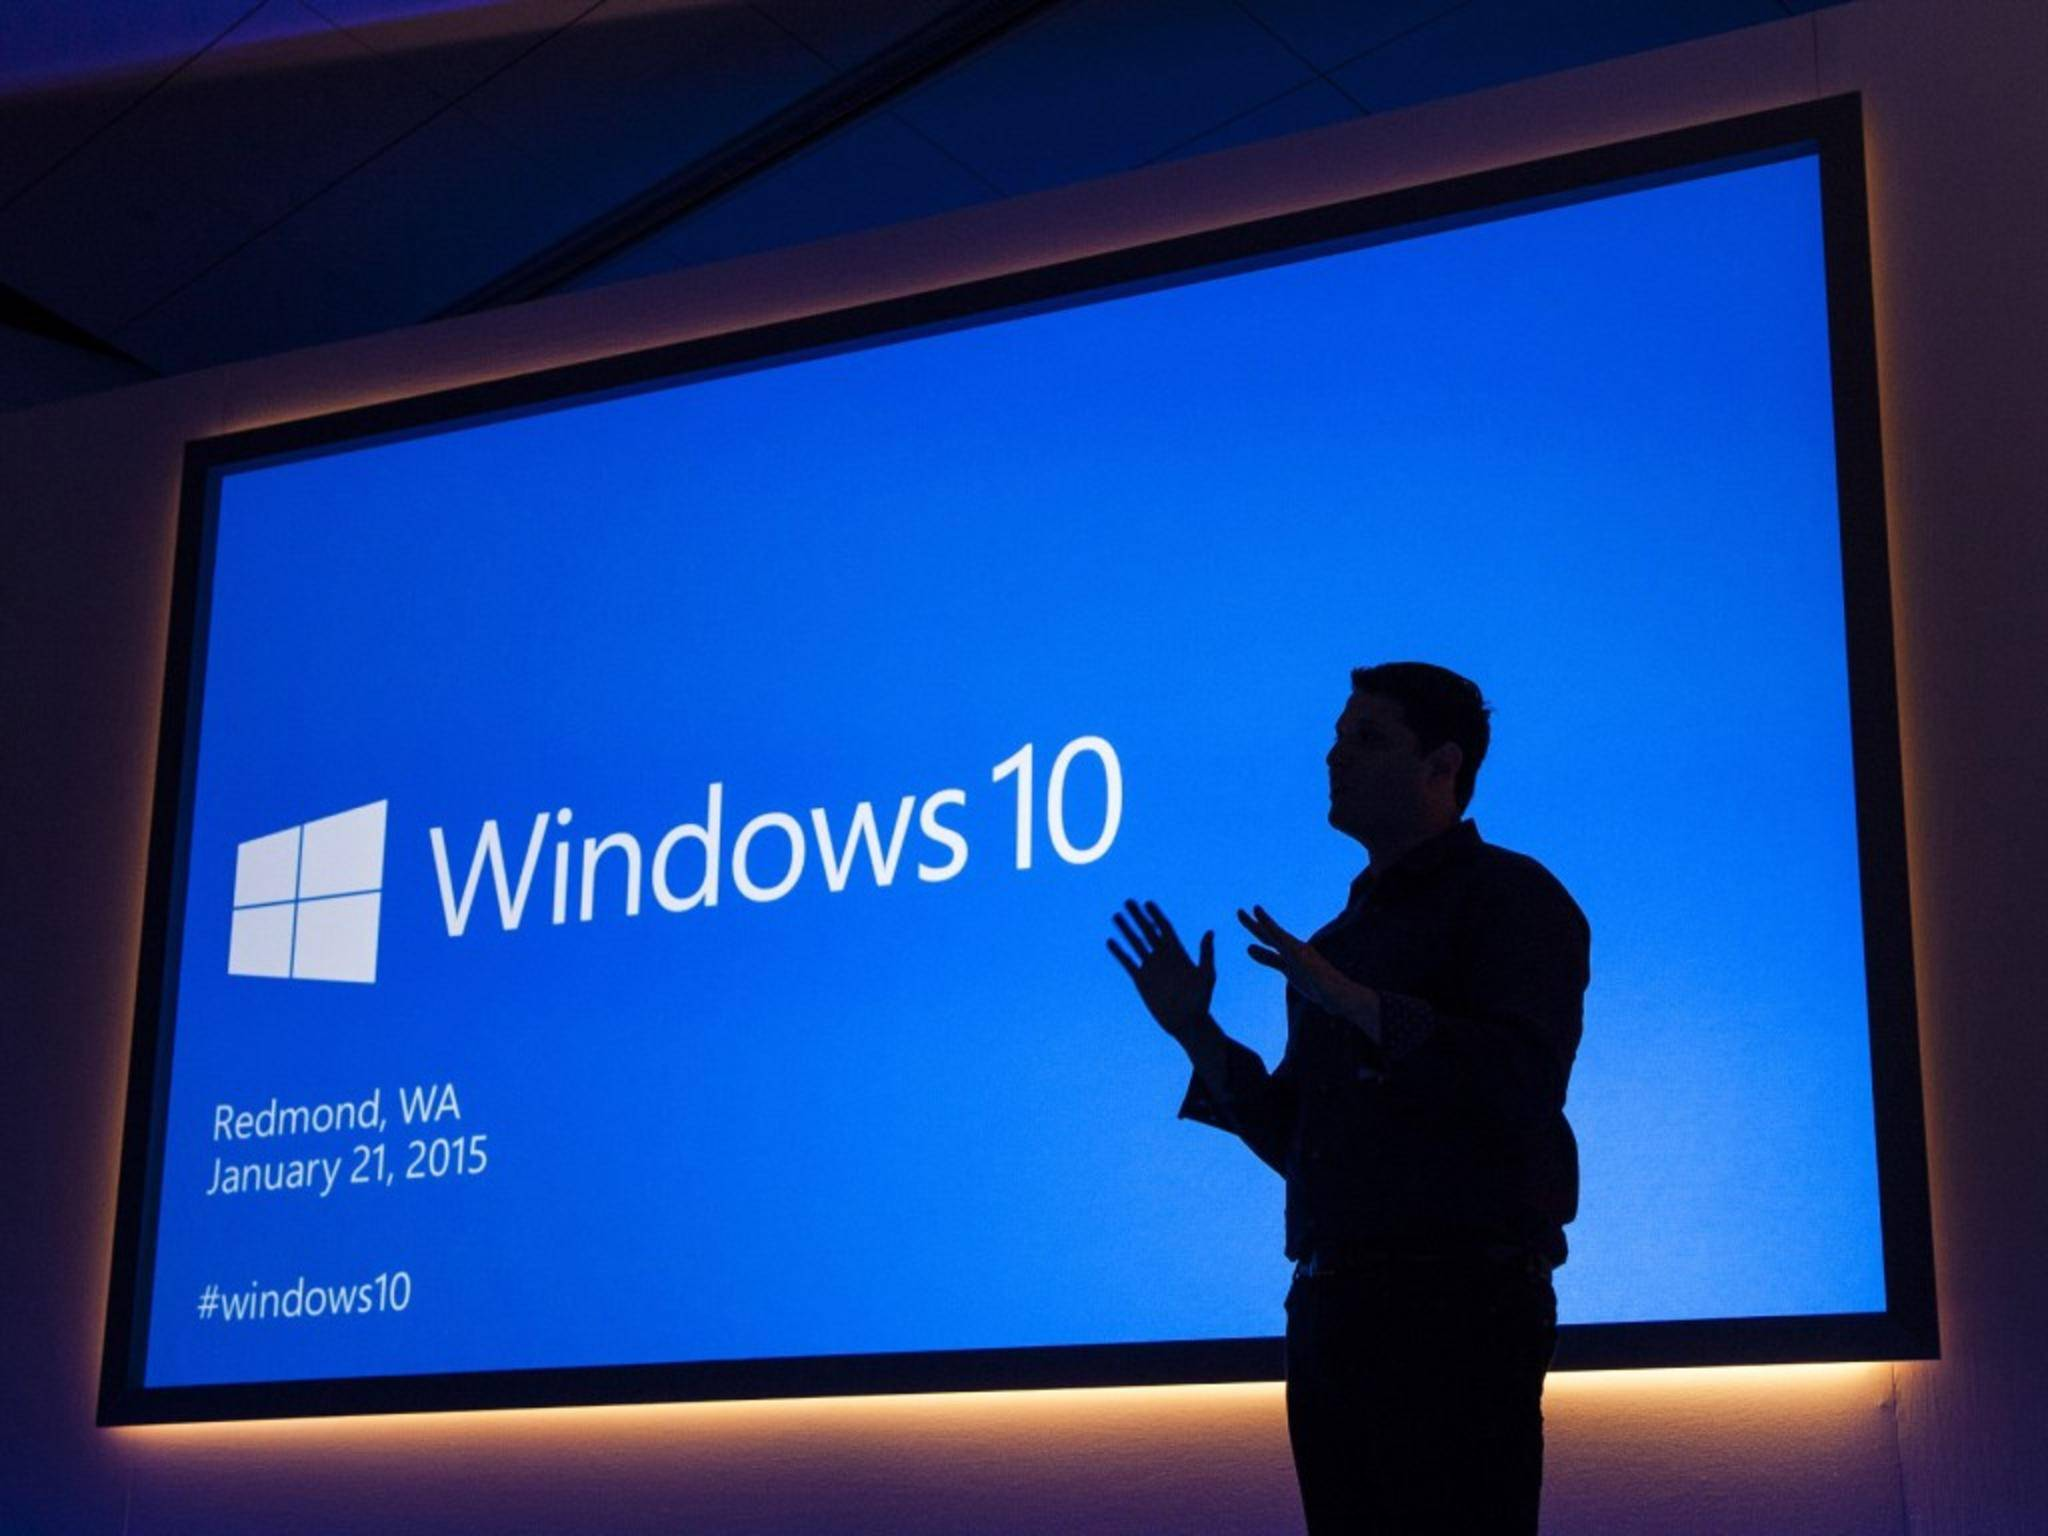 Die neue Preview-Version von Windows 10 ist jetzt verfügbar.